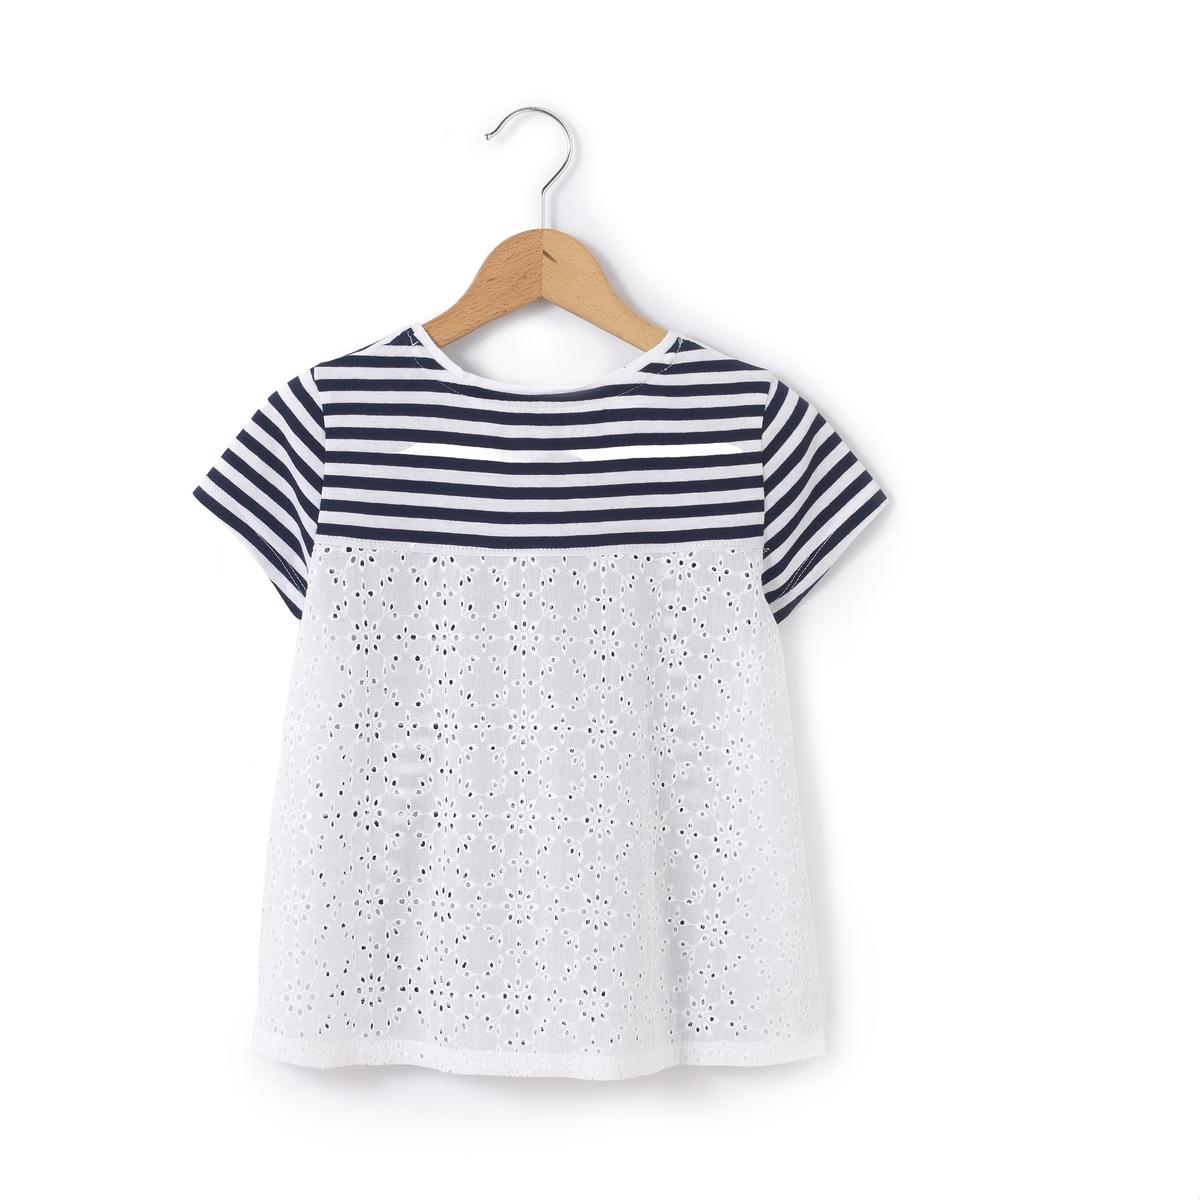 T-shirt con scollo rotondo fantasia, maniche corte